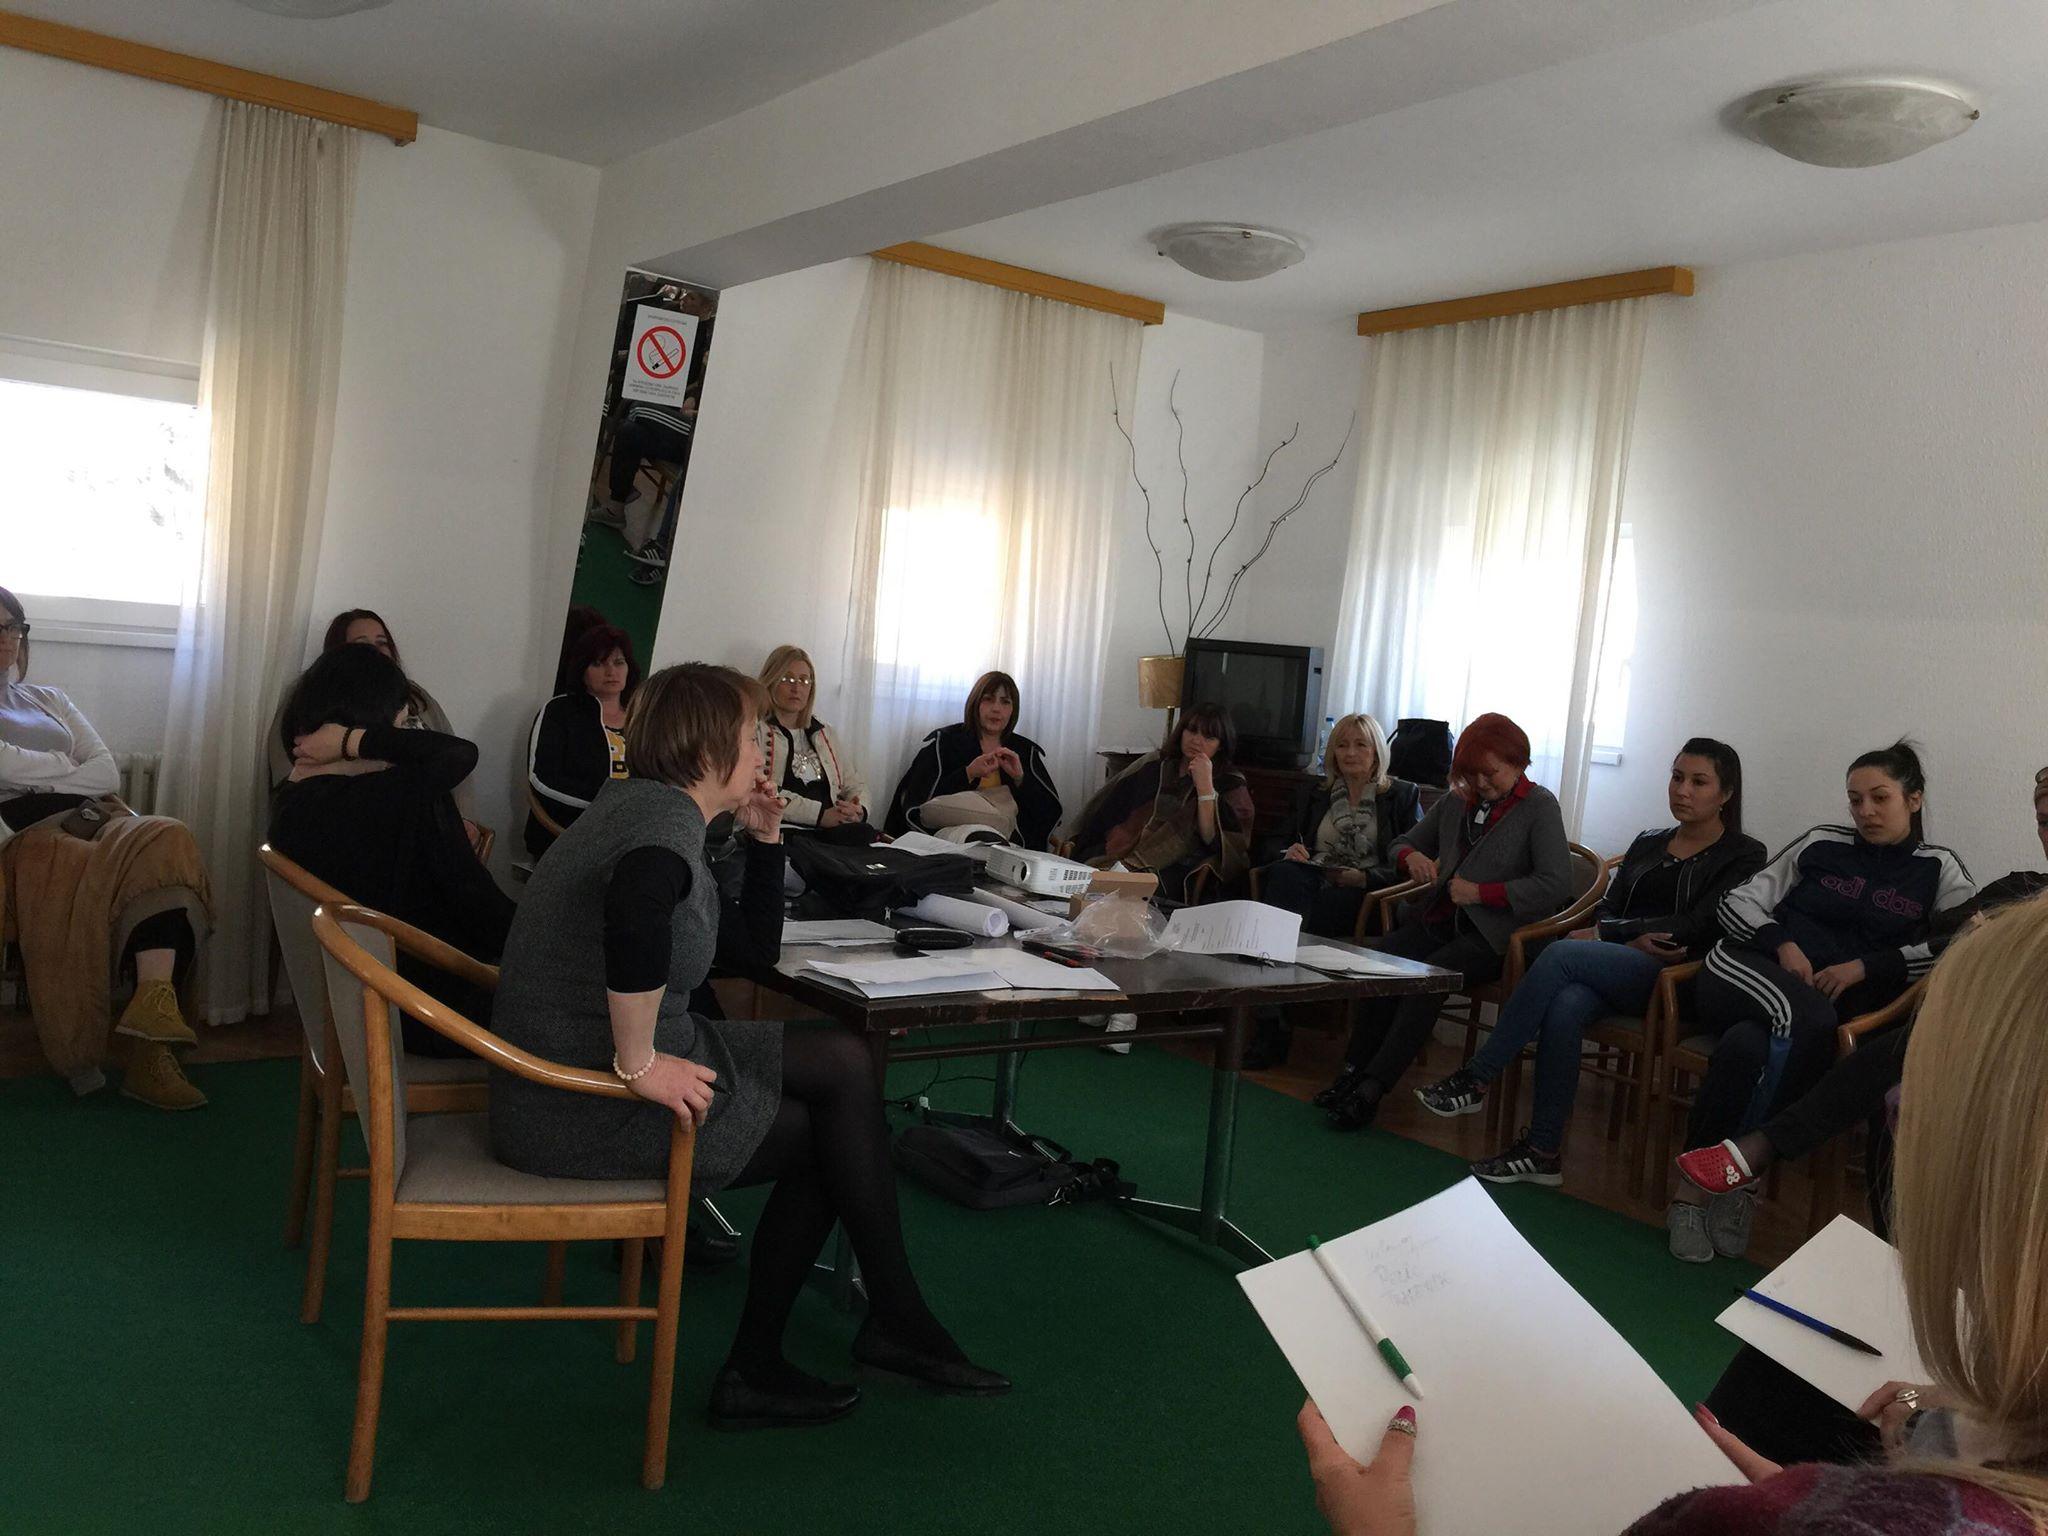 Udruzenje zena Pescanik - Redovni sastanak Mreže žena Rasinskog okruga